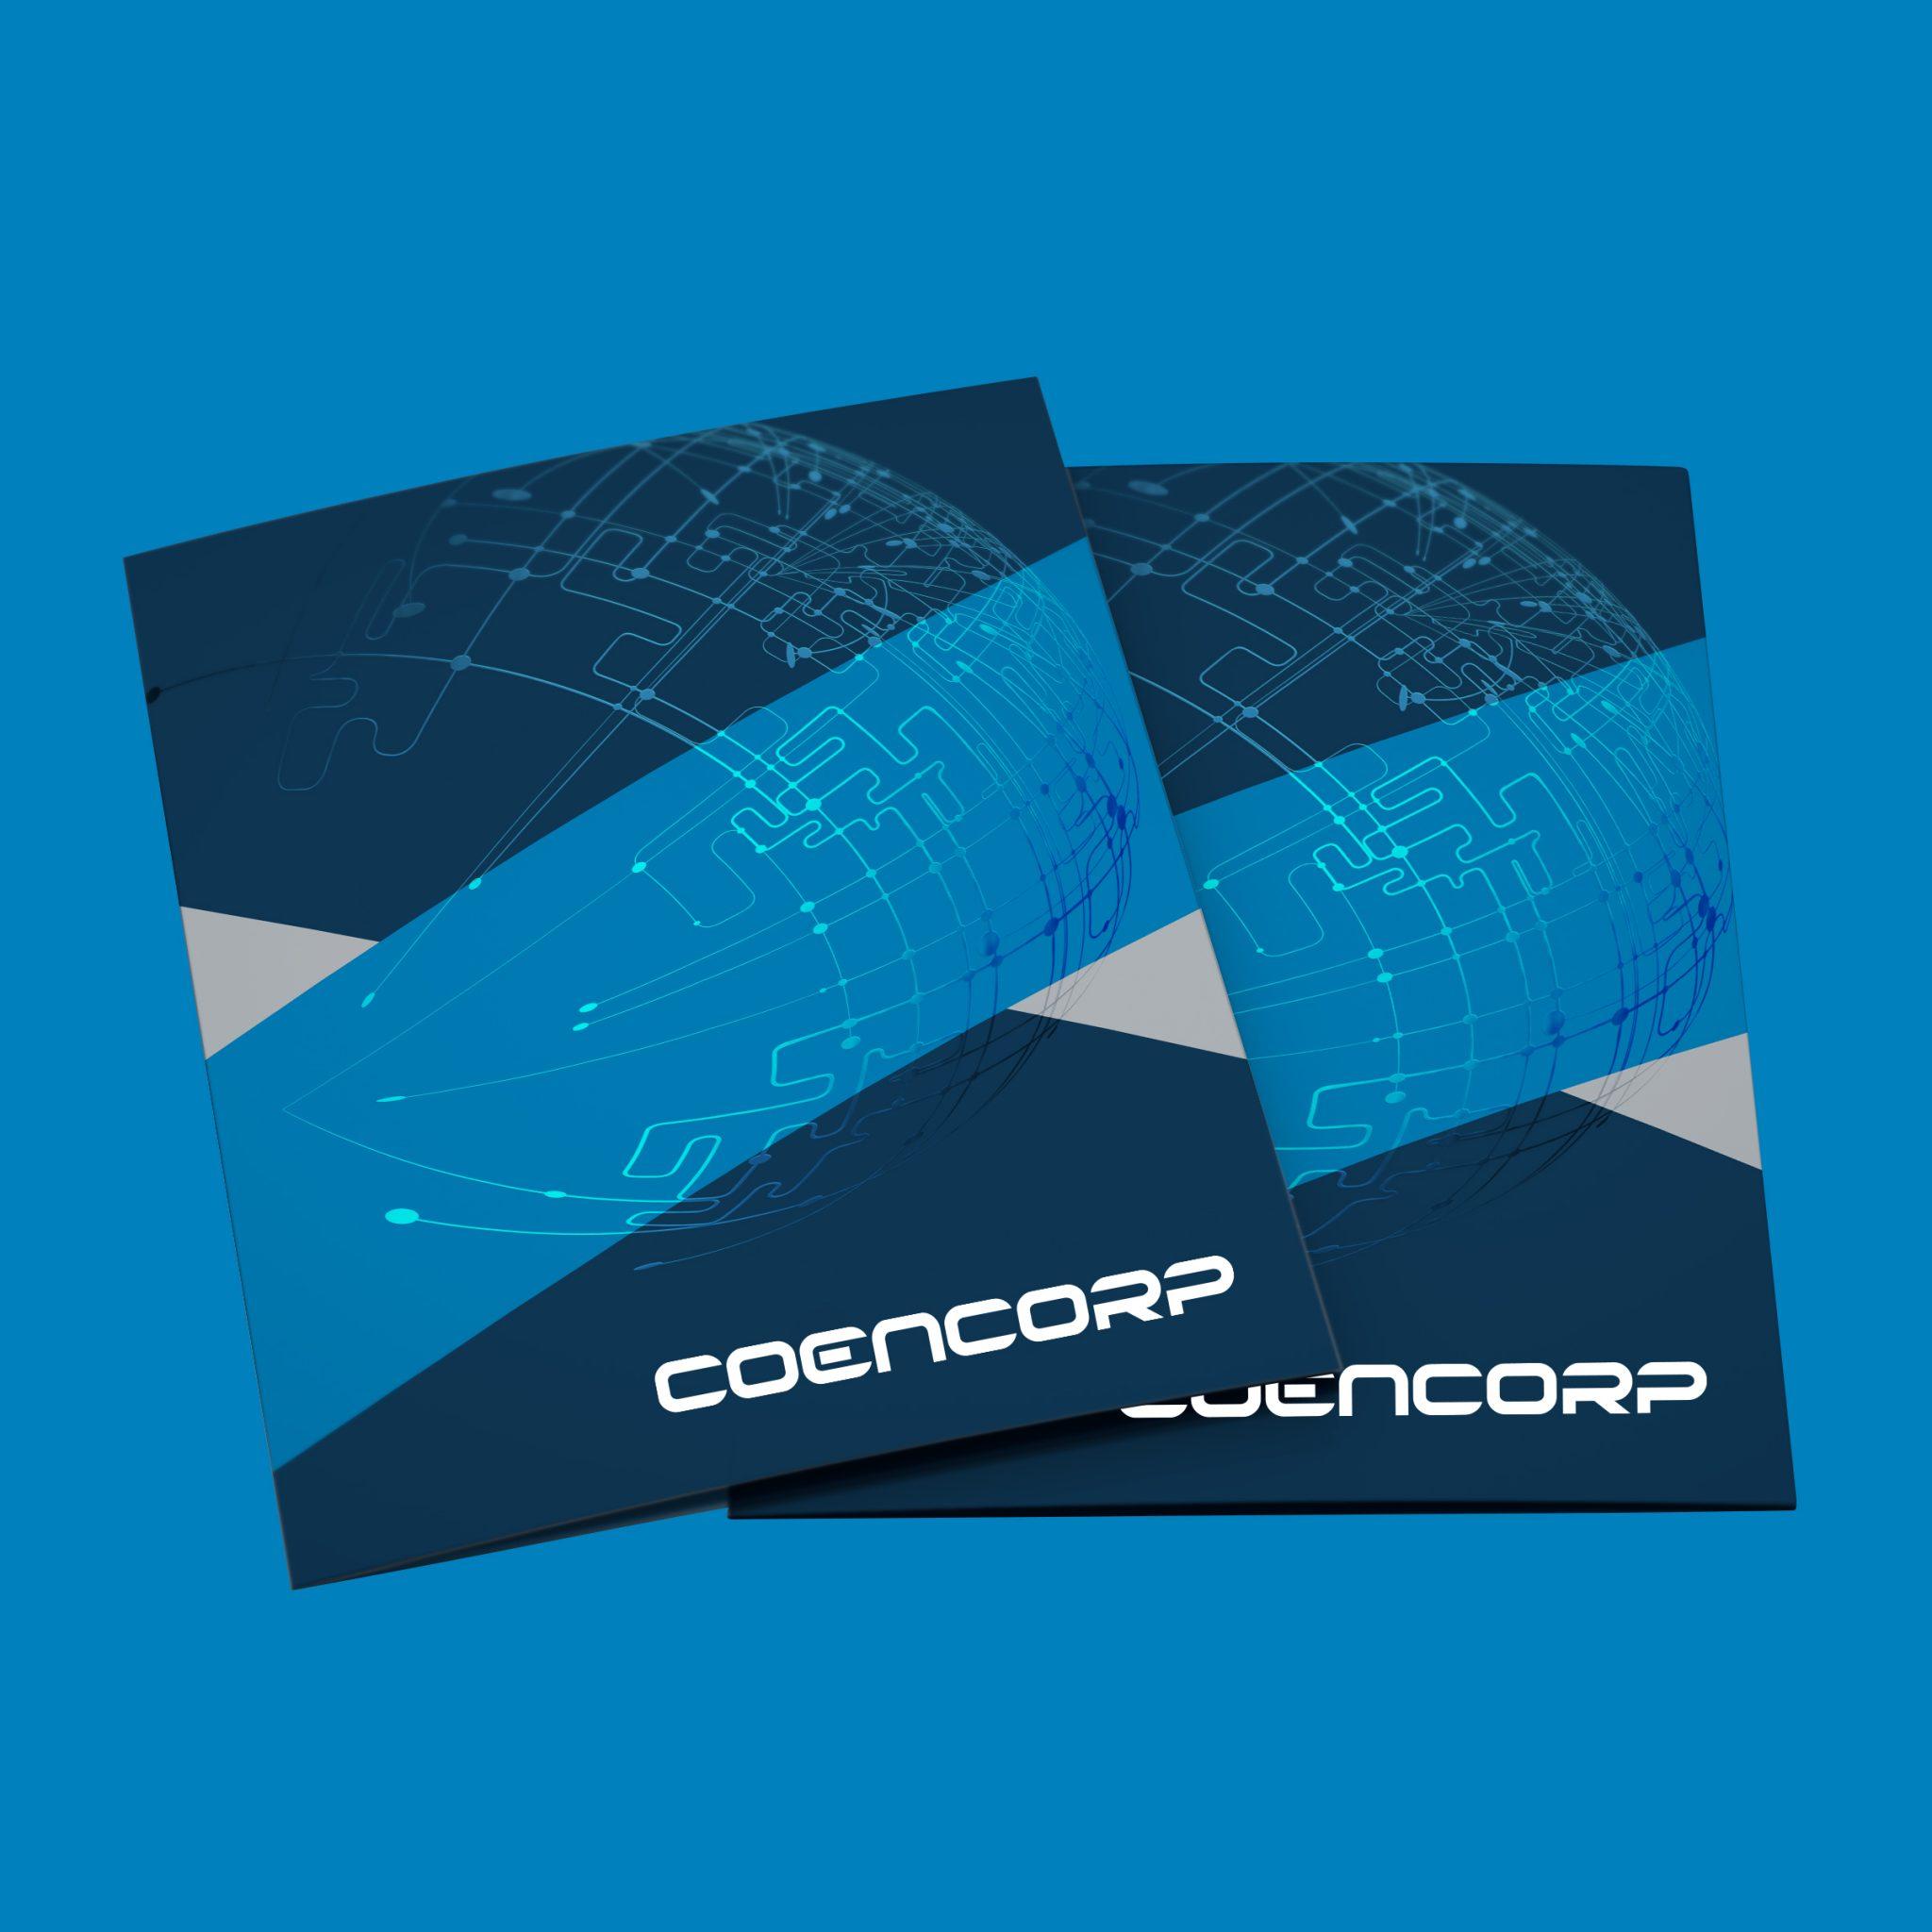 pochette coencorp